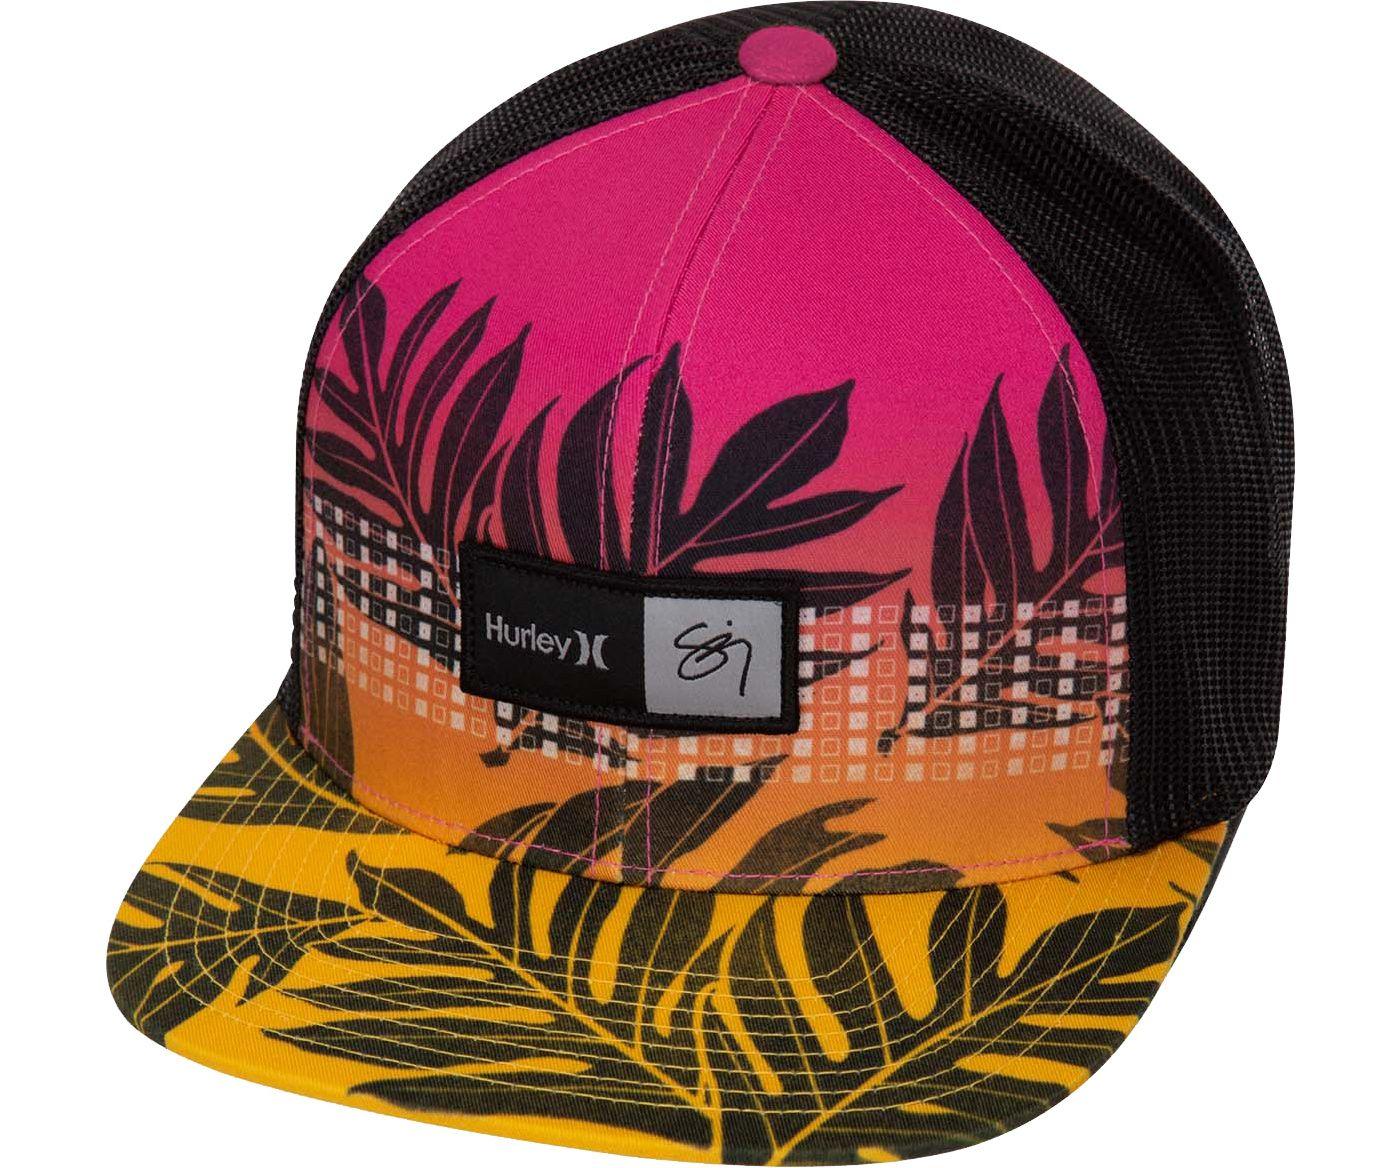 Hurley Men's Sig Zane Moorea Trucker Hat